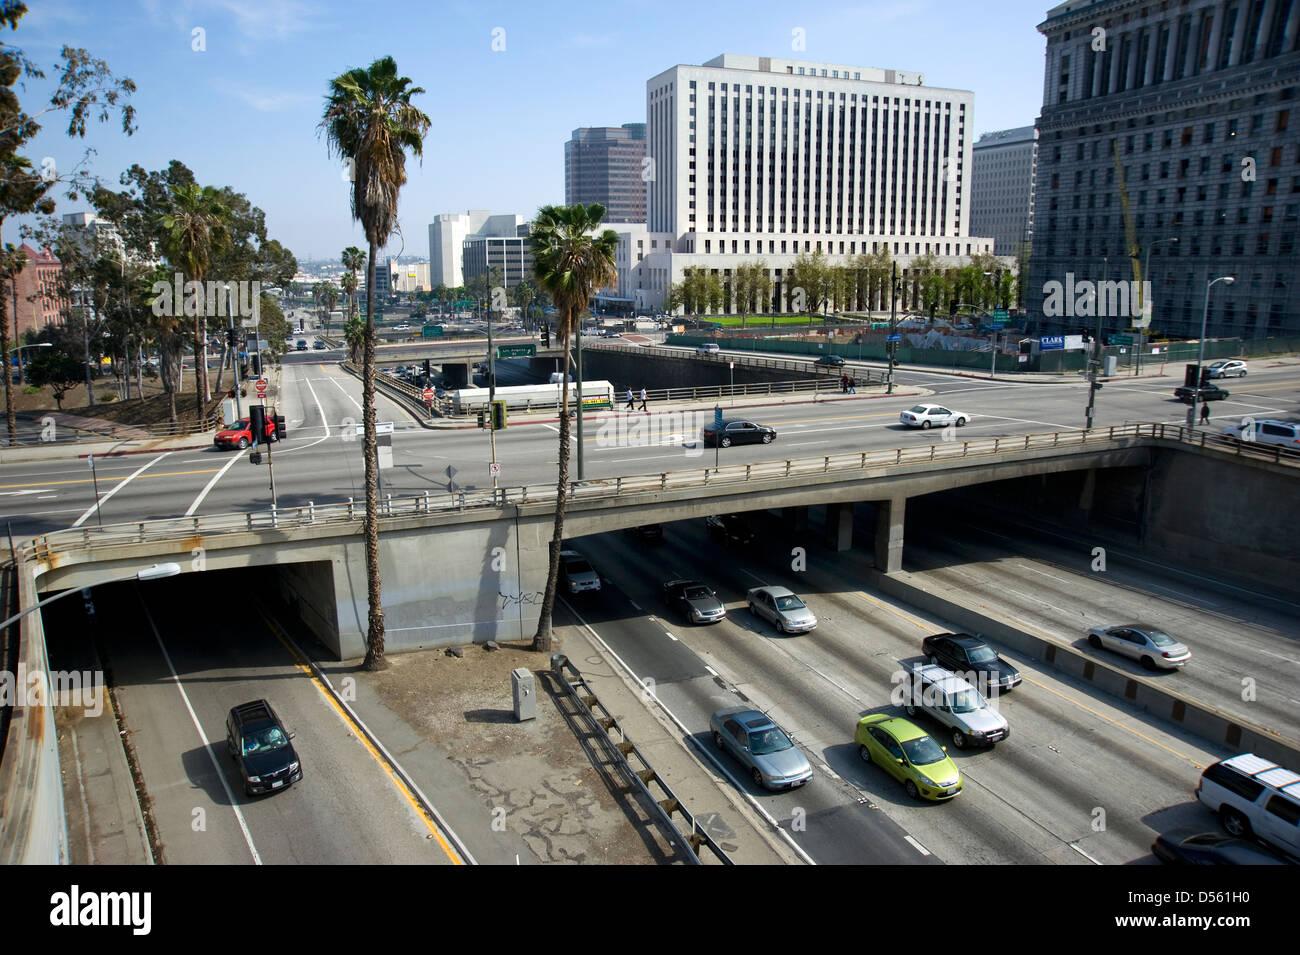 Vista del centro cittadino di Los Angeles con autostrada e cavalcavia Immagini Stock